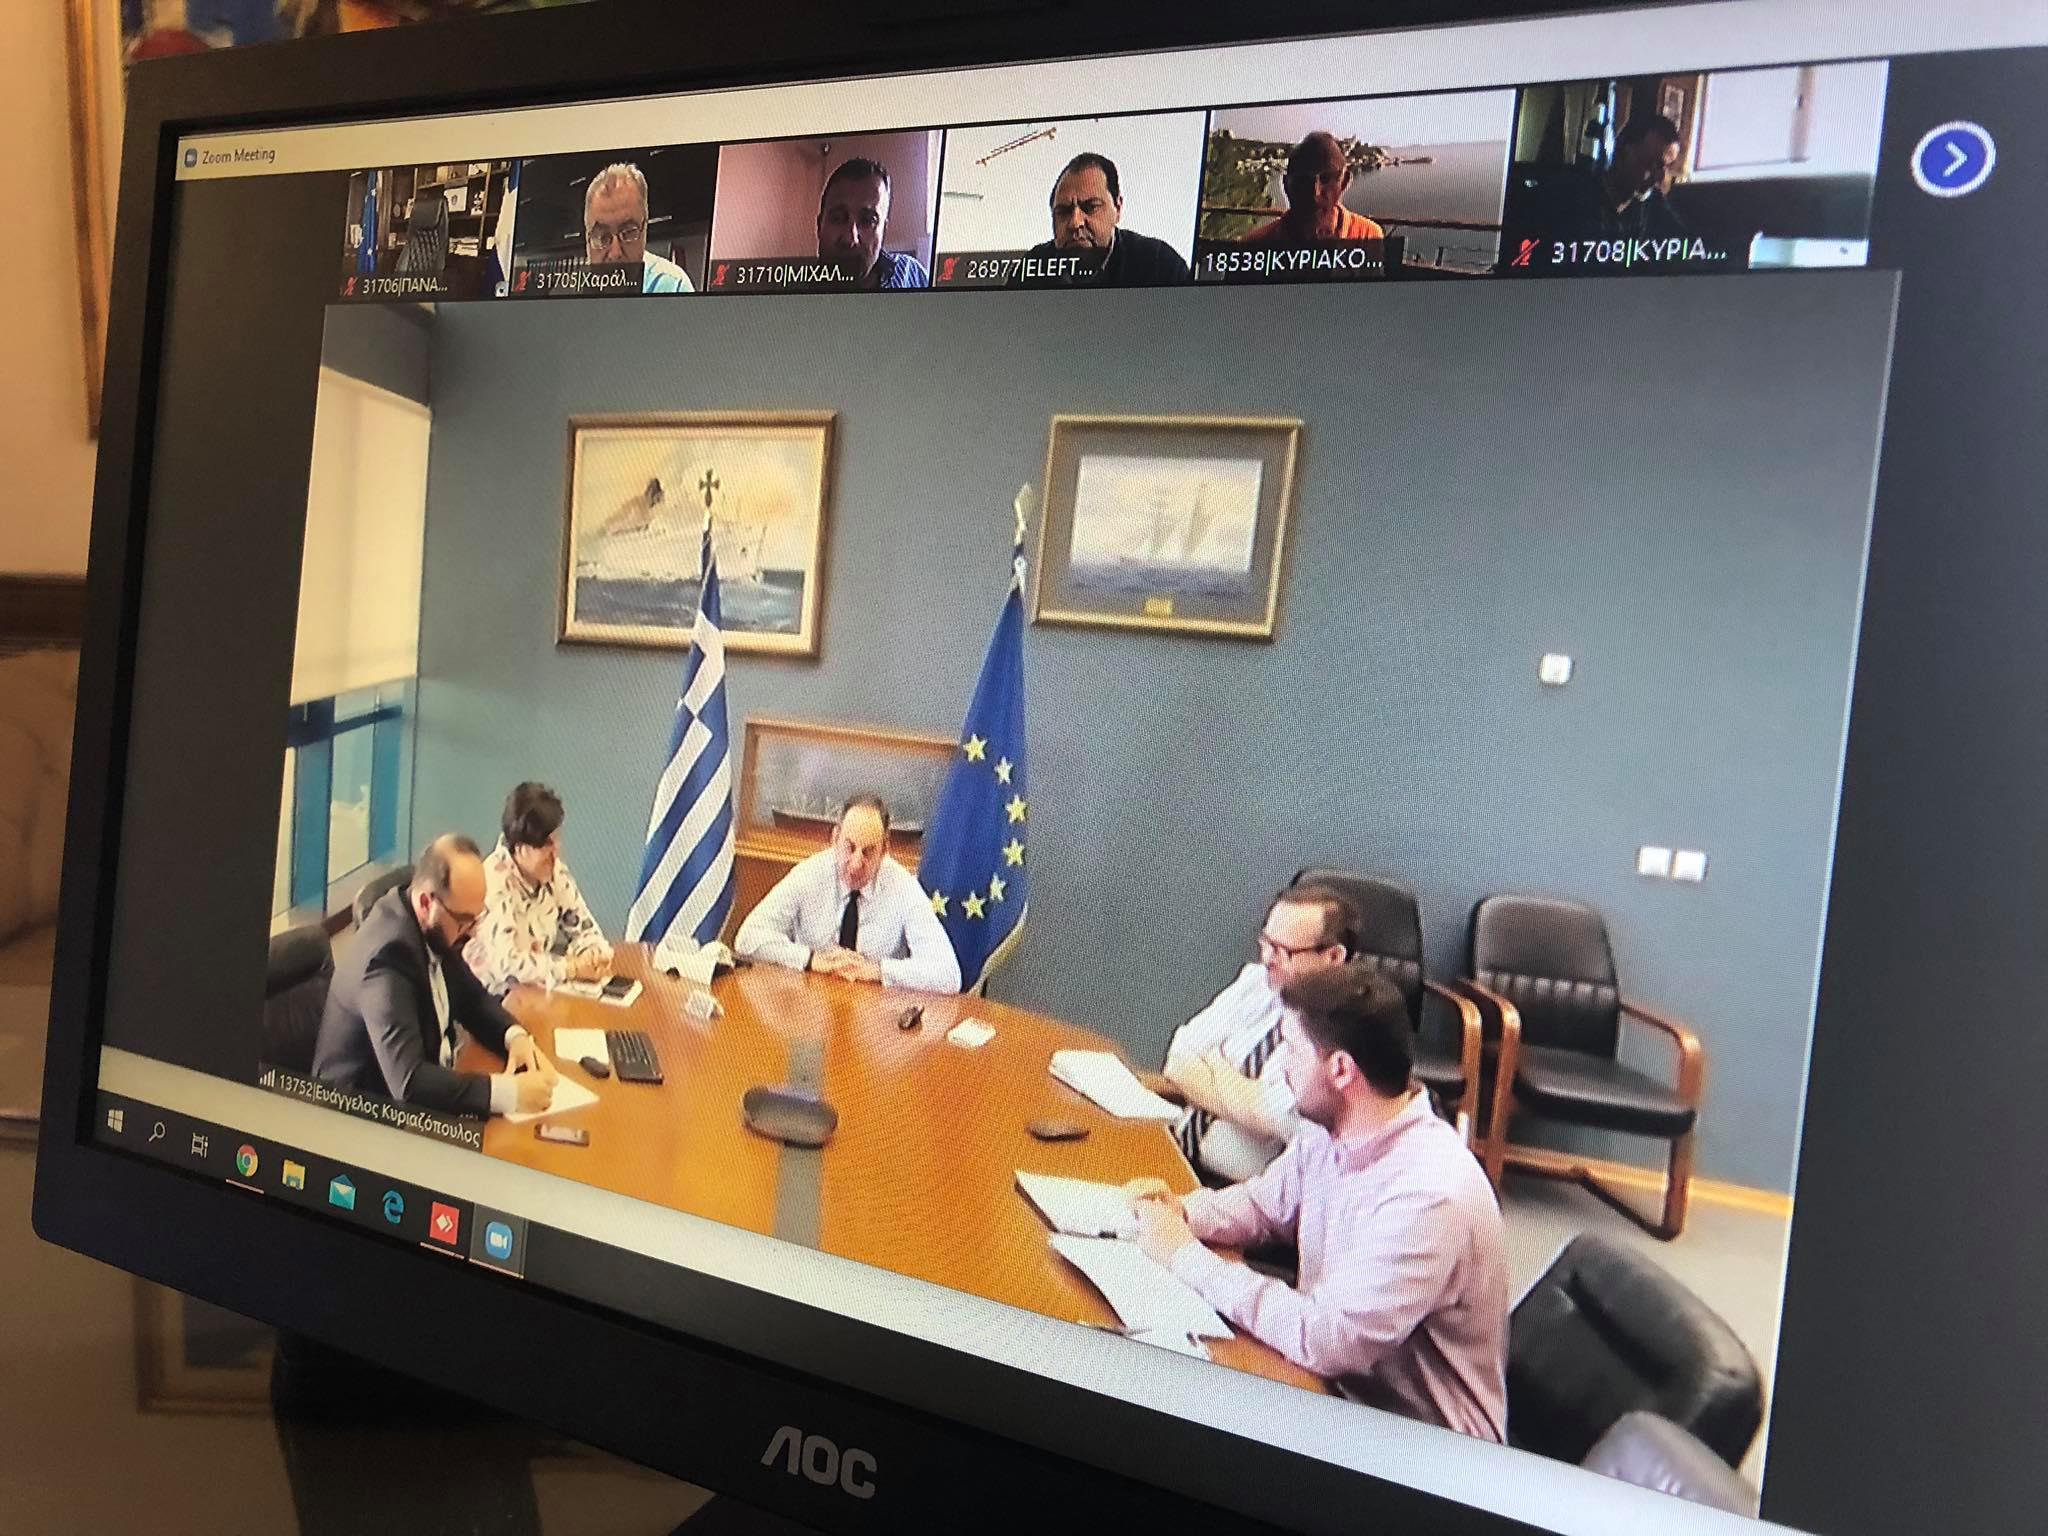 Δήμος Πύργου: Συμμετοχή του Δημάρχου και προέδρου του ΔΛΤ Πύργου Τάκη Αντωνακόπουλου σε τηλεδιάσκεψη με τον υπουργό Ναυτιλίας και Νησιωτικής Πολιτικής Γιάννη Πλακιωτάκη (Photos- ΒΙΝΤΕΟ)